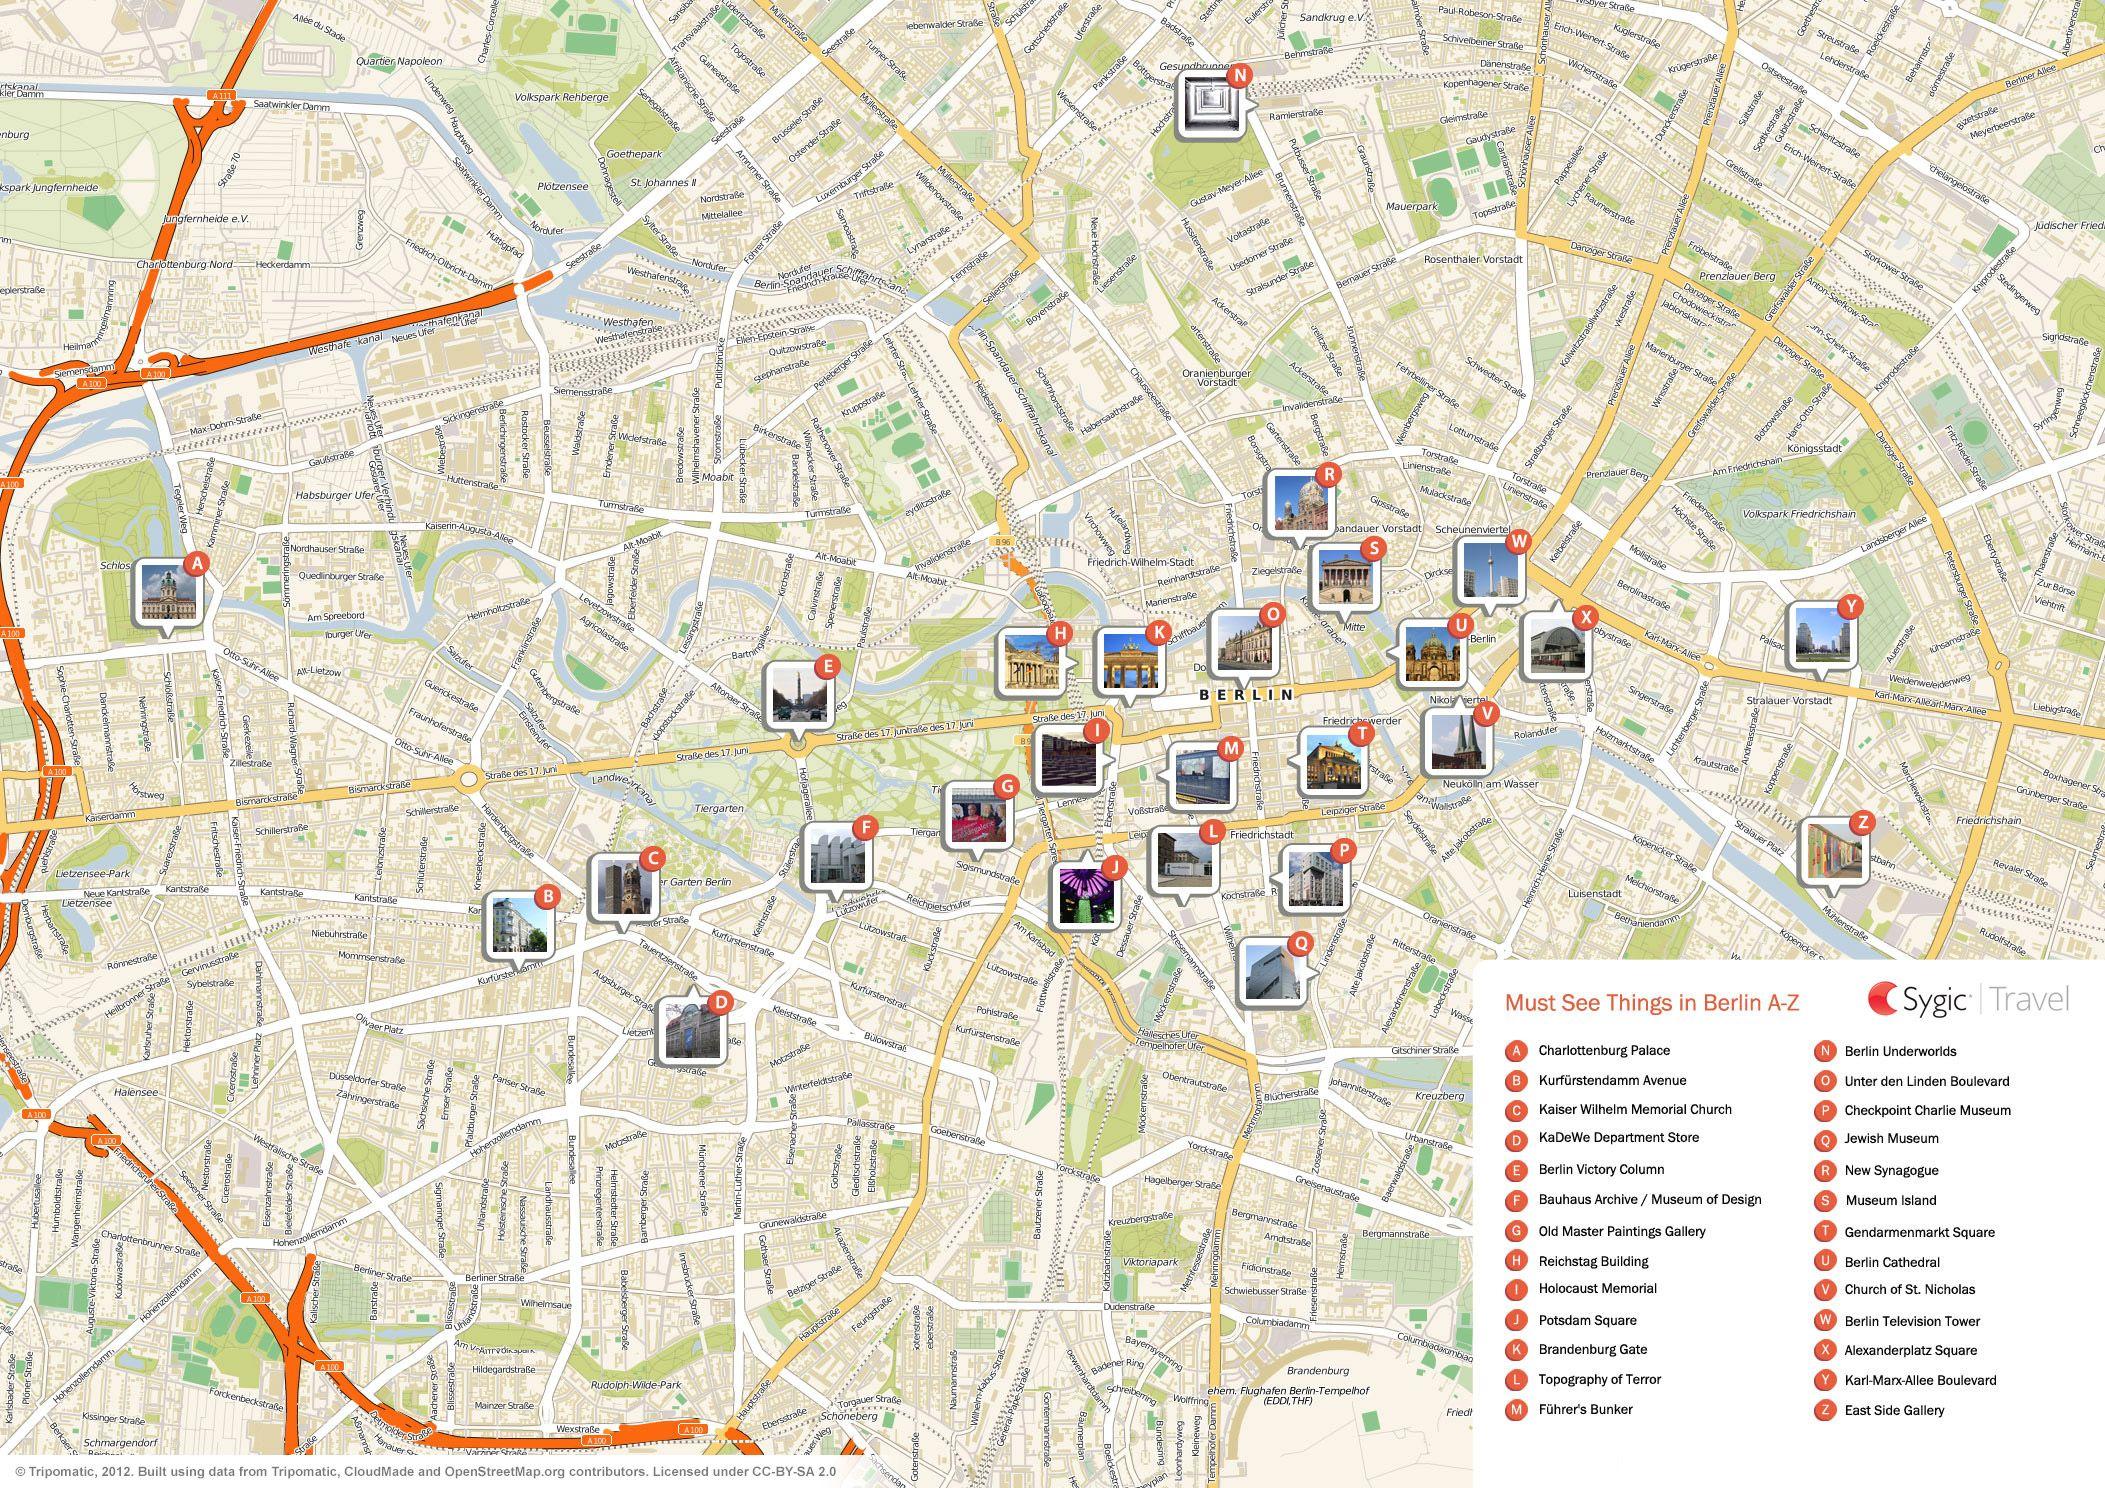 berlin printable tourist map  berlin  pinterest  tourist map - berlin printable tourist map